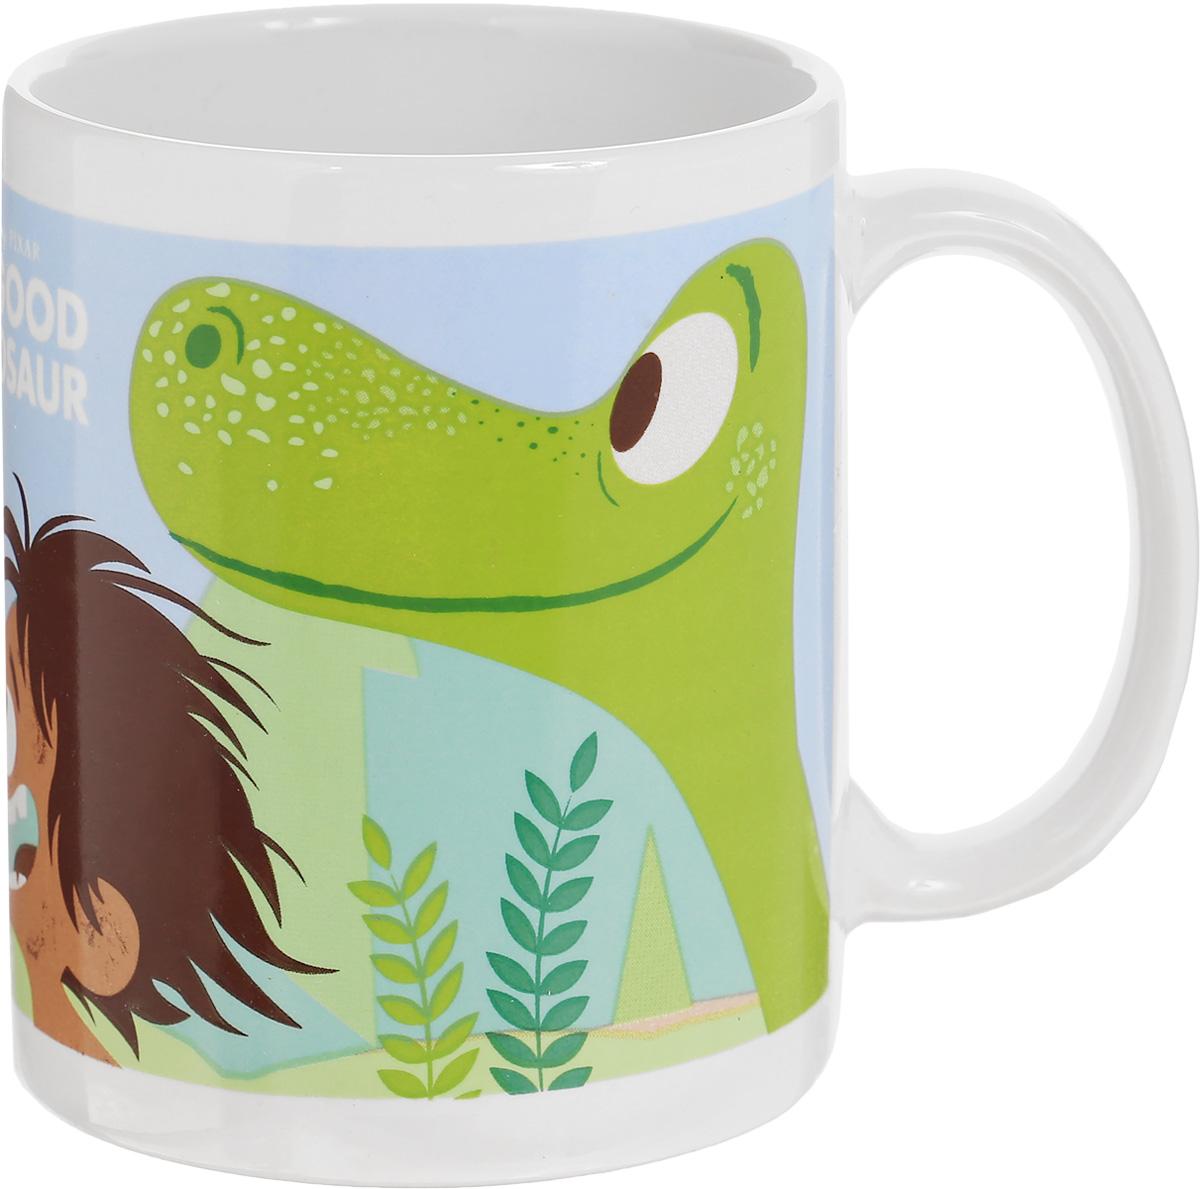 Stor Кружка детская Хороший динозавр 325 мл82005Детская кружка Stor Хороший динозавр с любимыми героями известного мультика станет отличным подарком для вашего ребенка. Она выполнена из керамики и оформлена красочным изображением. Кружка дополнена удобной ручкой.Такой подарок станет не только приятным, но и практичным сувениром: кружка будет незаменимым атрибутом чаепития, а ее оригинальное оформление добавит ярких эмоций и хорошего настроения.Можно использовать в СВЧ-печи. Можно мыть в посудомоечной машине.